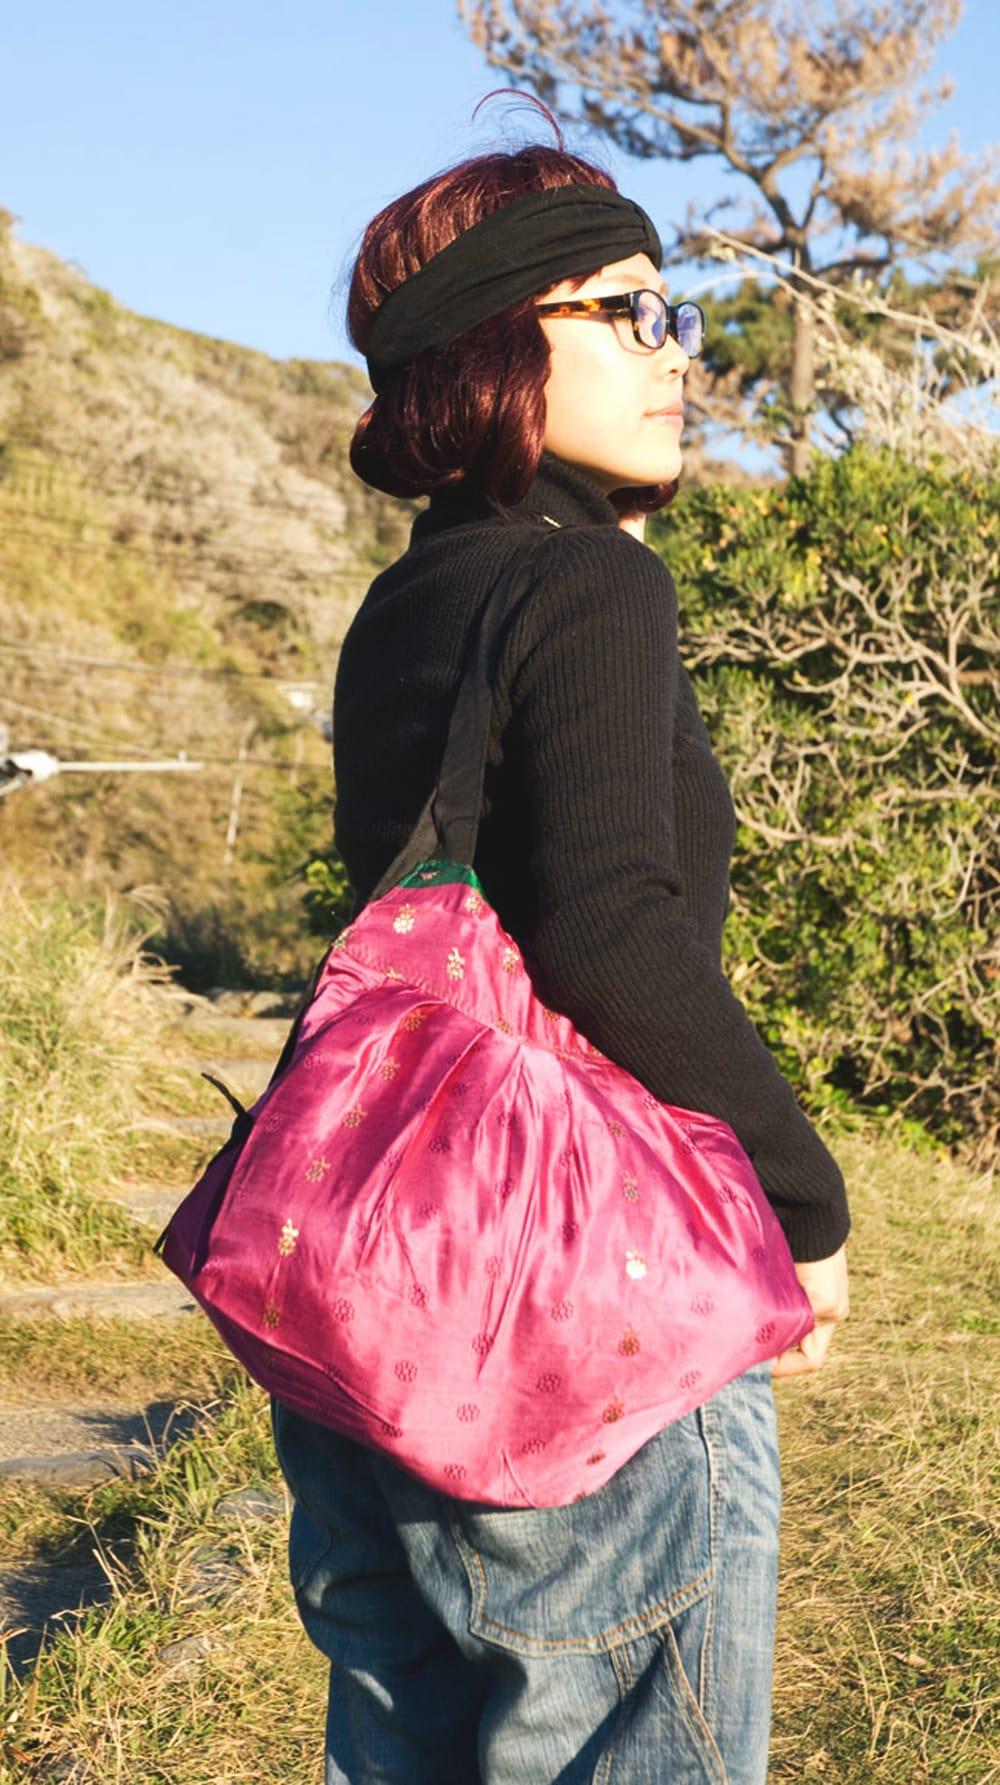 オールドシルクサリーのジッパー付き肩掛けバッグ - 選べる一点物 7 - モデルさんにかけてもらいました。ちょうどいい大きさですね。